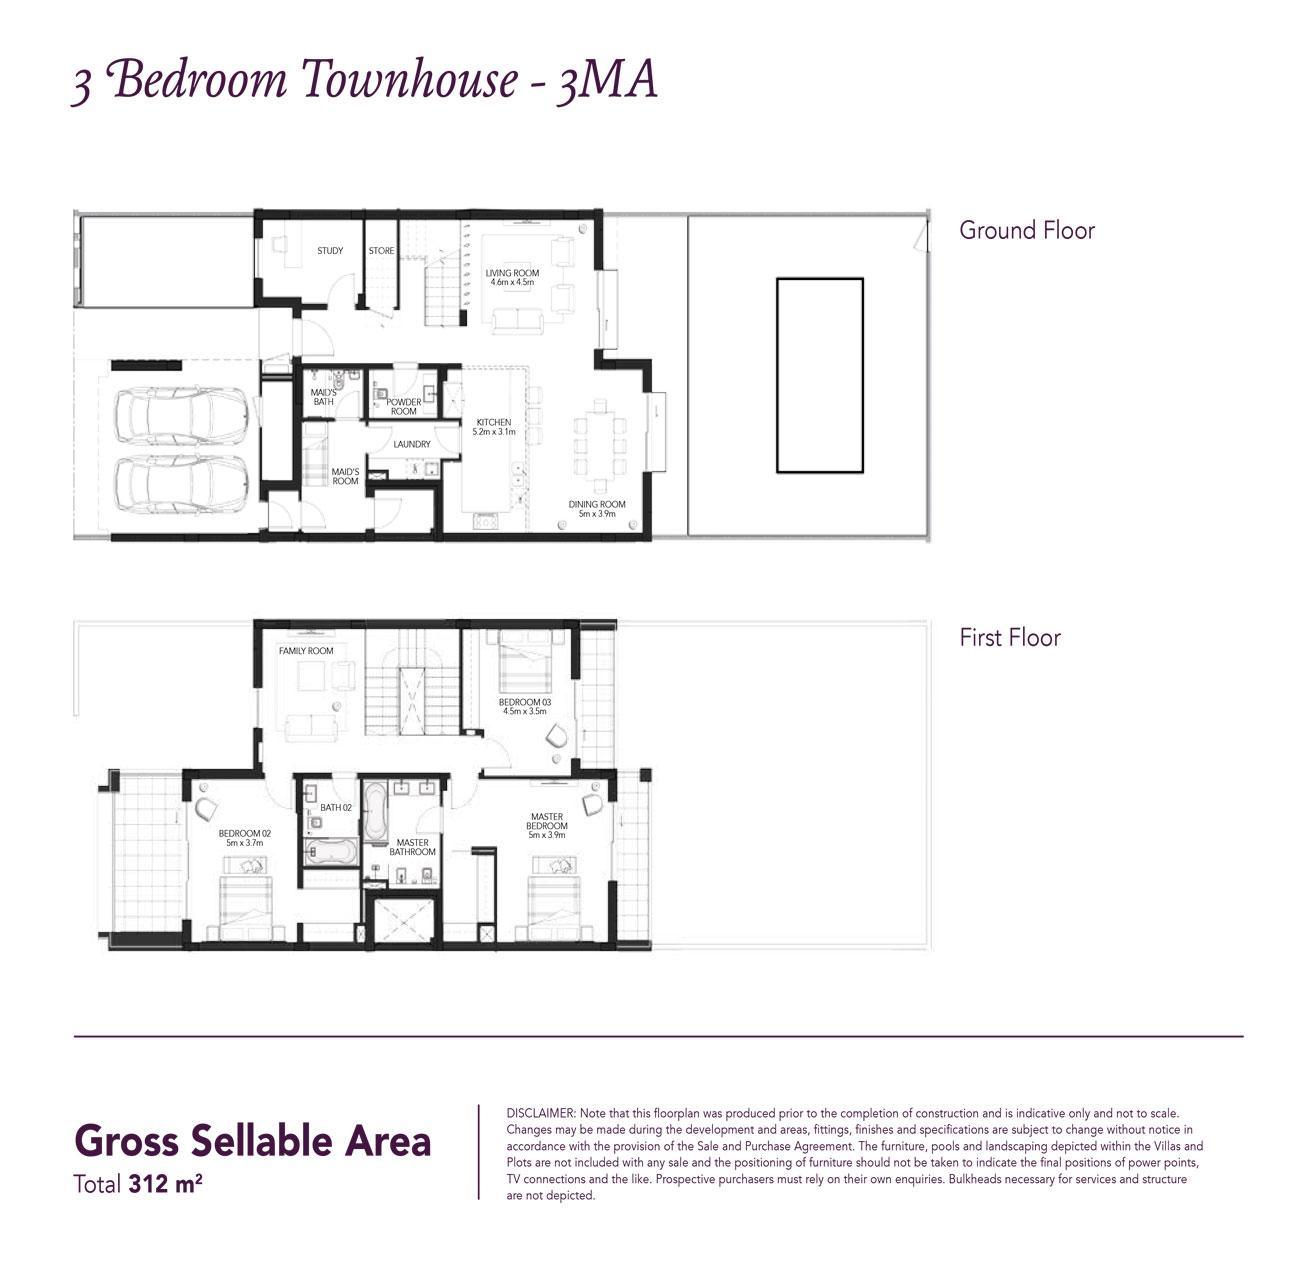 تاون هاوس من ثلاث غرف نوم - مساحة مبنية 3378 قدم مربع